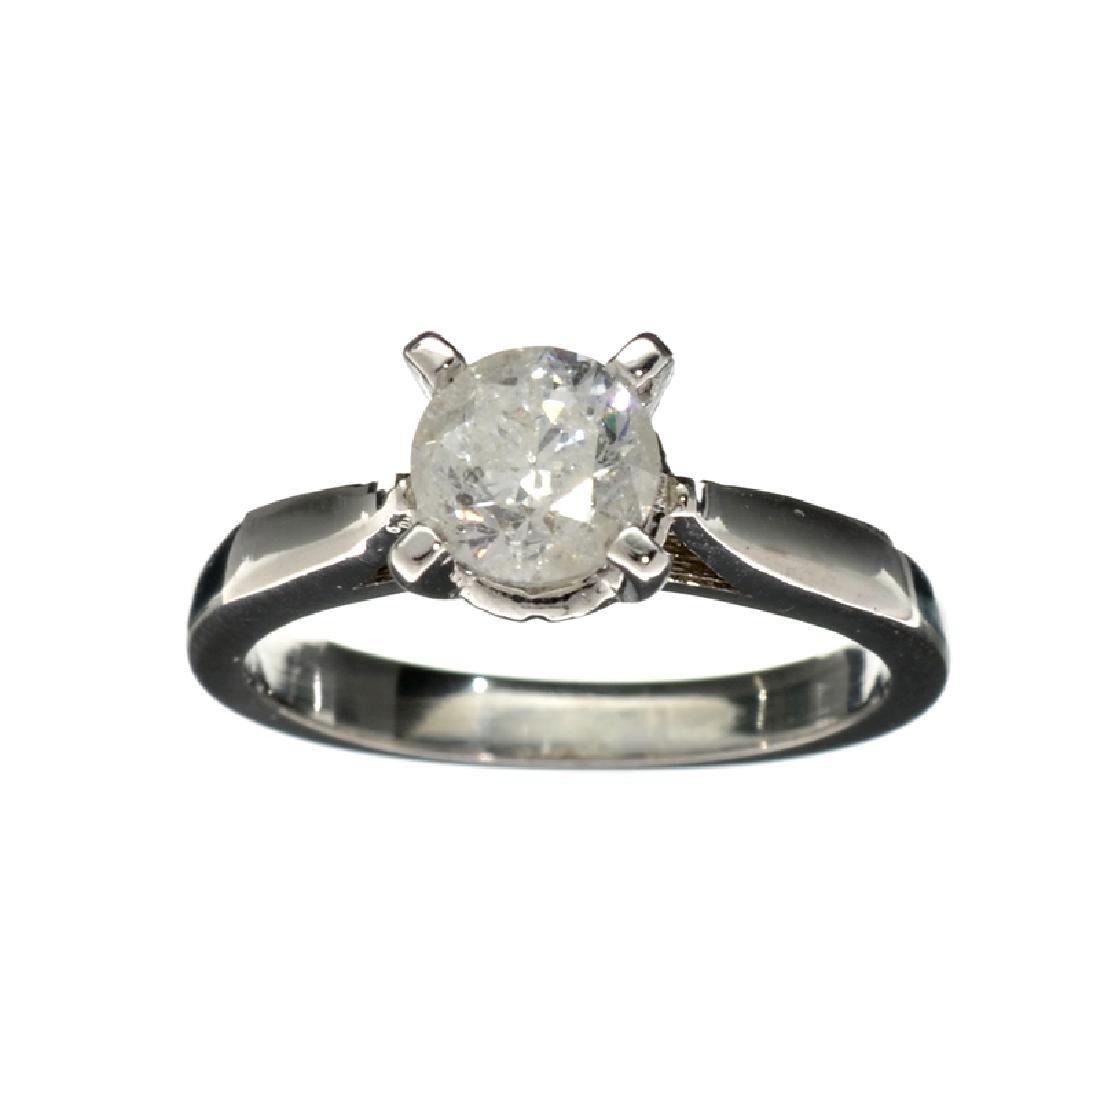 APP: 7k 14 kt. White Gold, 1.02CT Round Cut Diamond